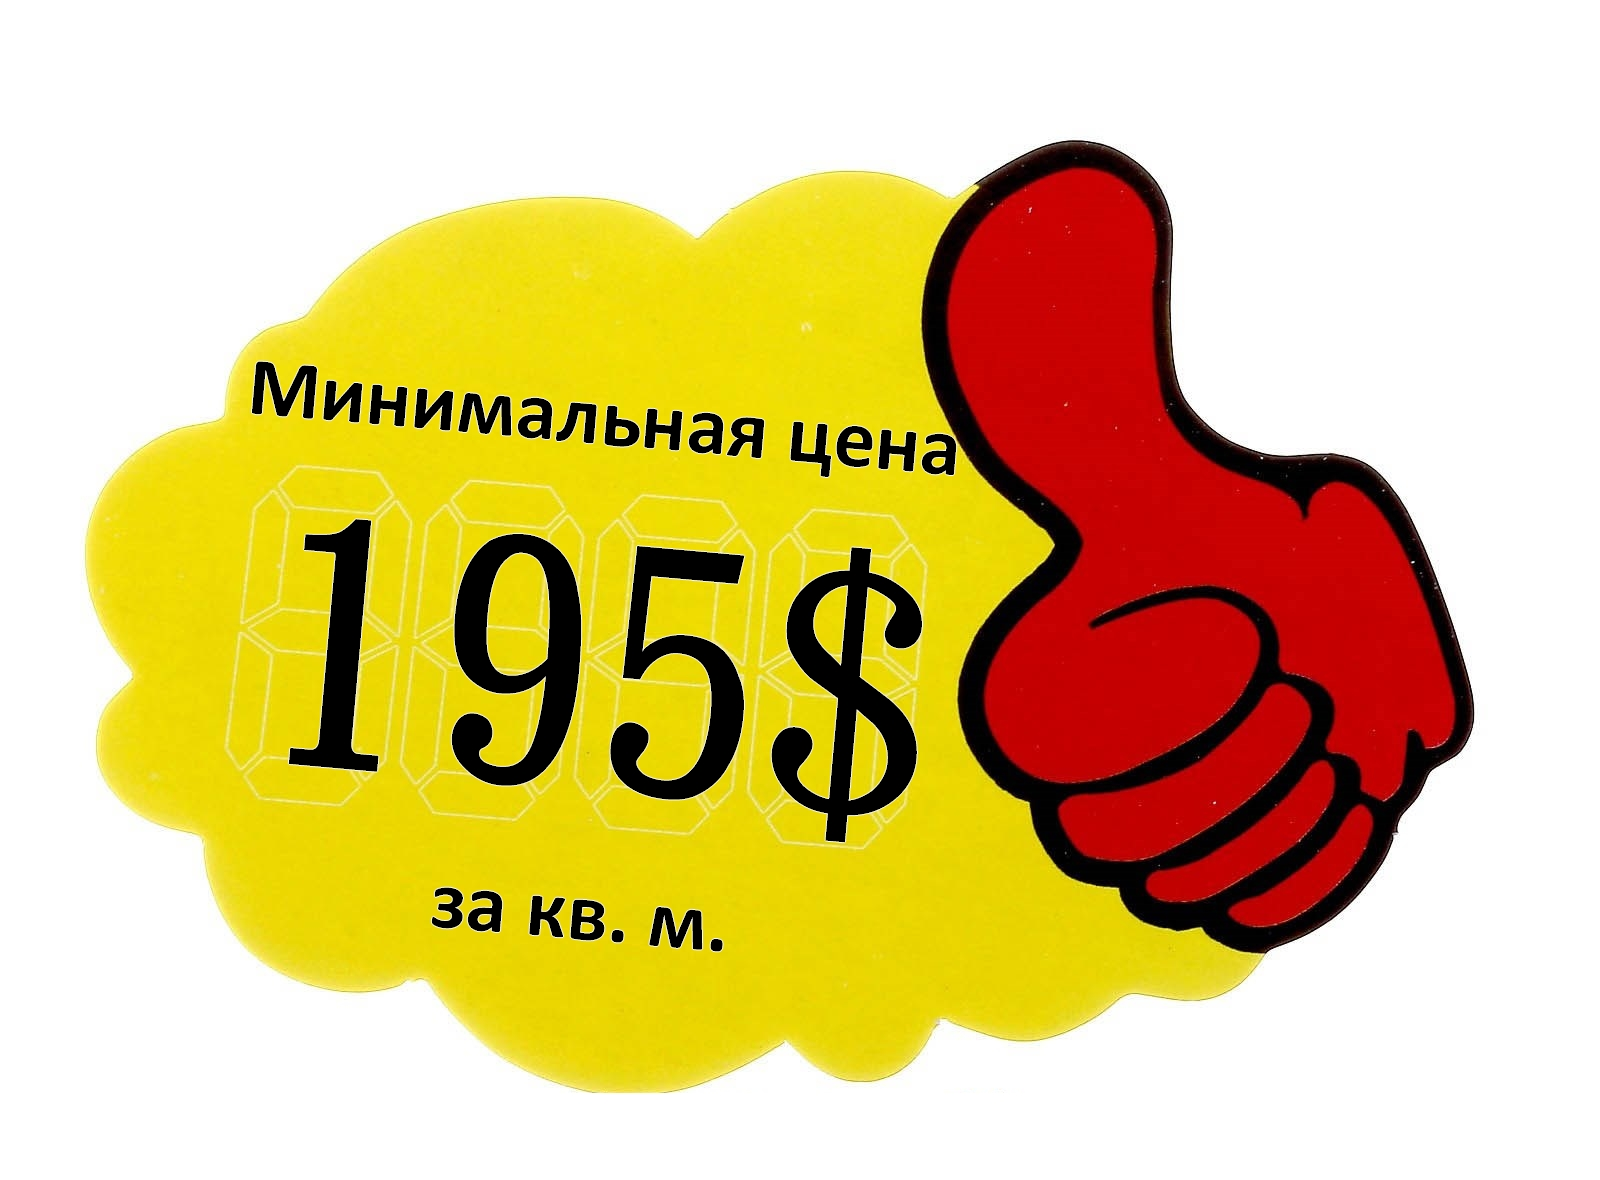 Минимальная цена - 195$ за 1 кв. м.